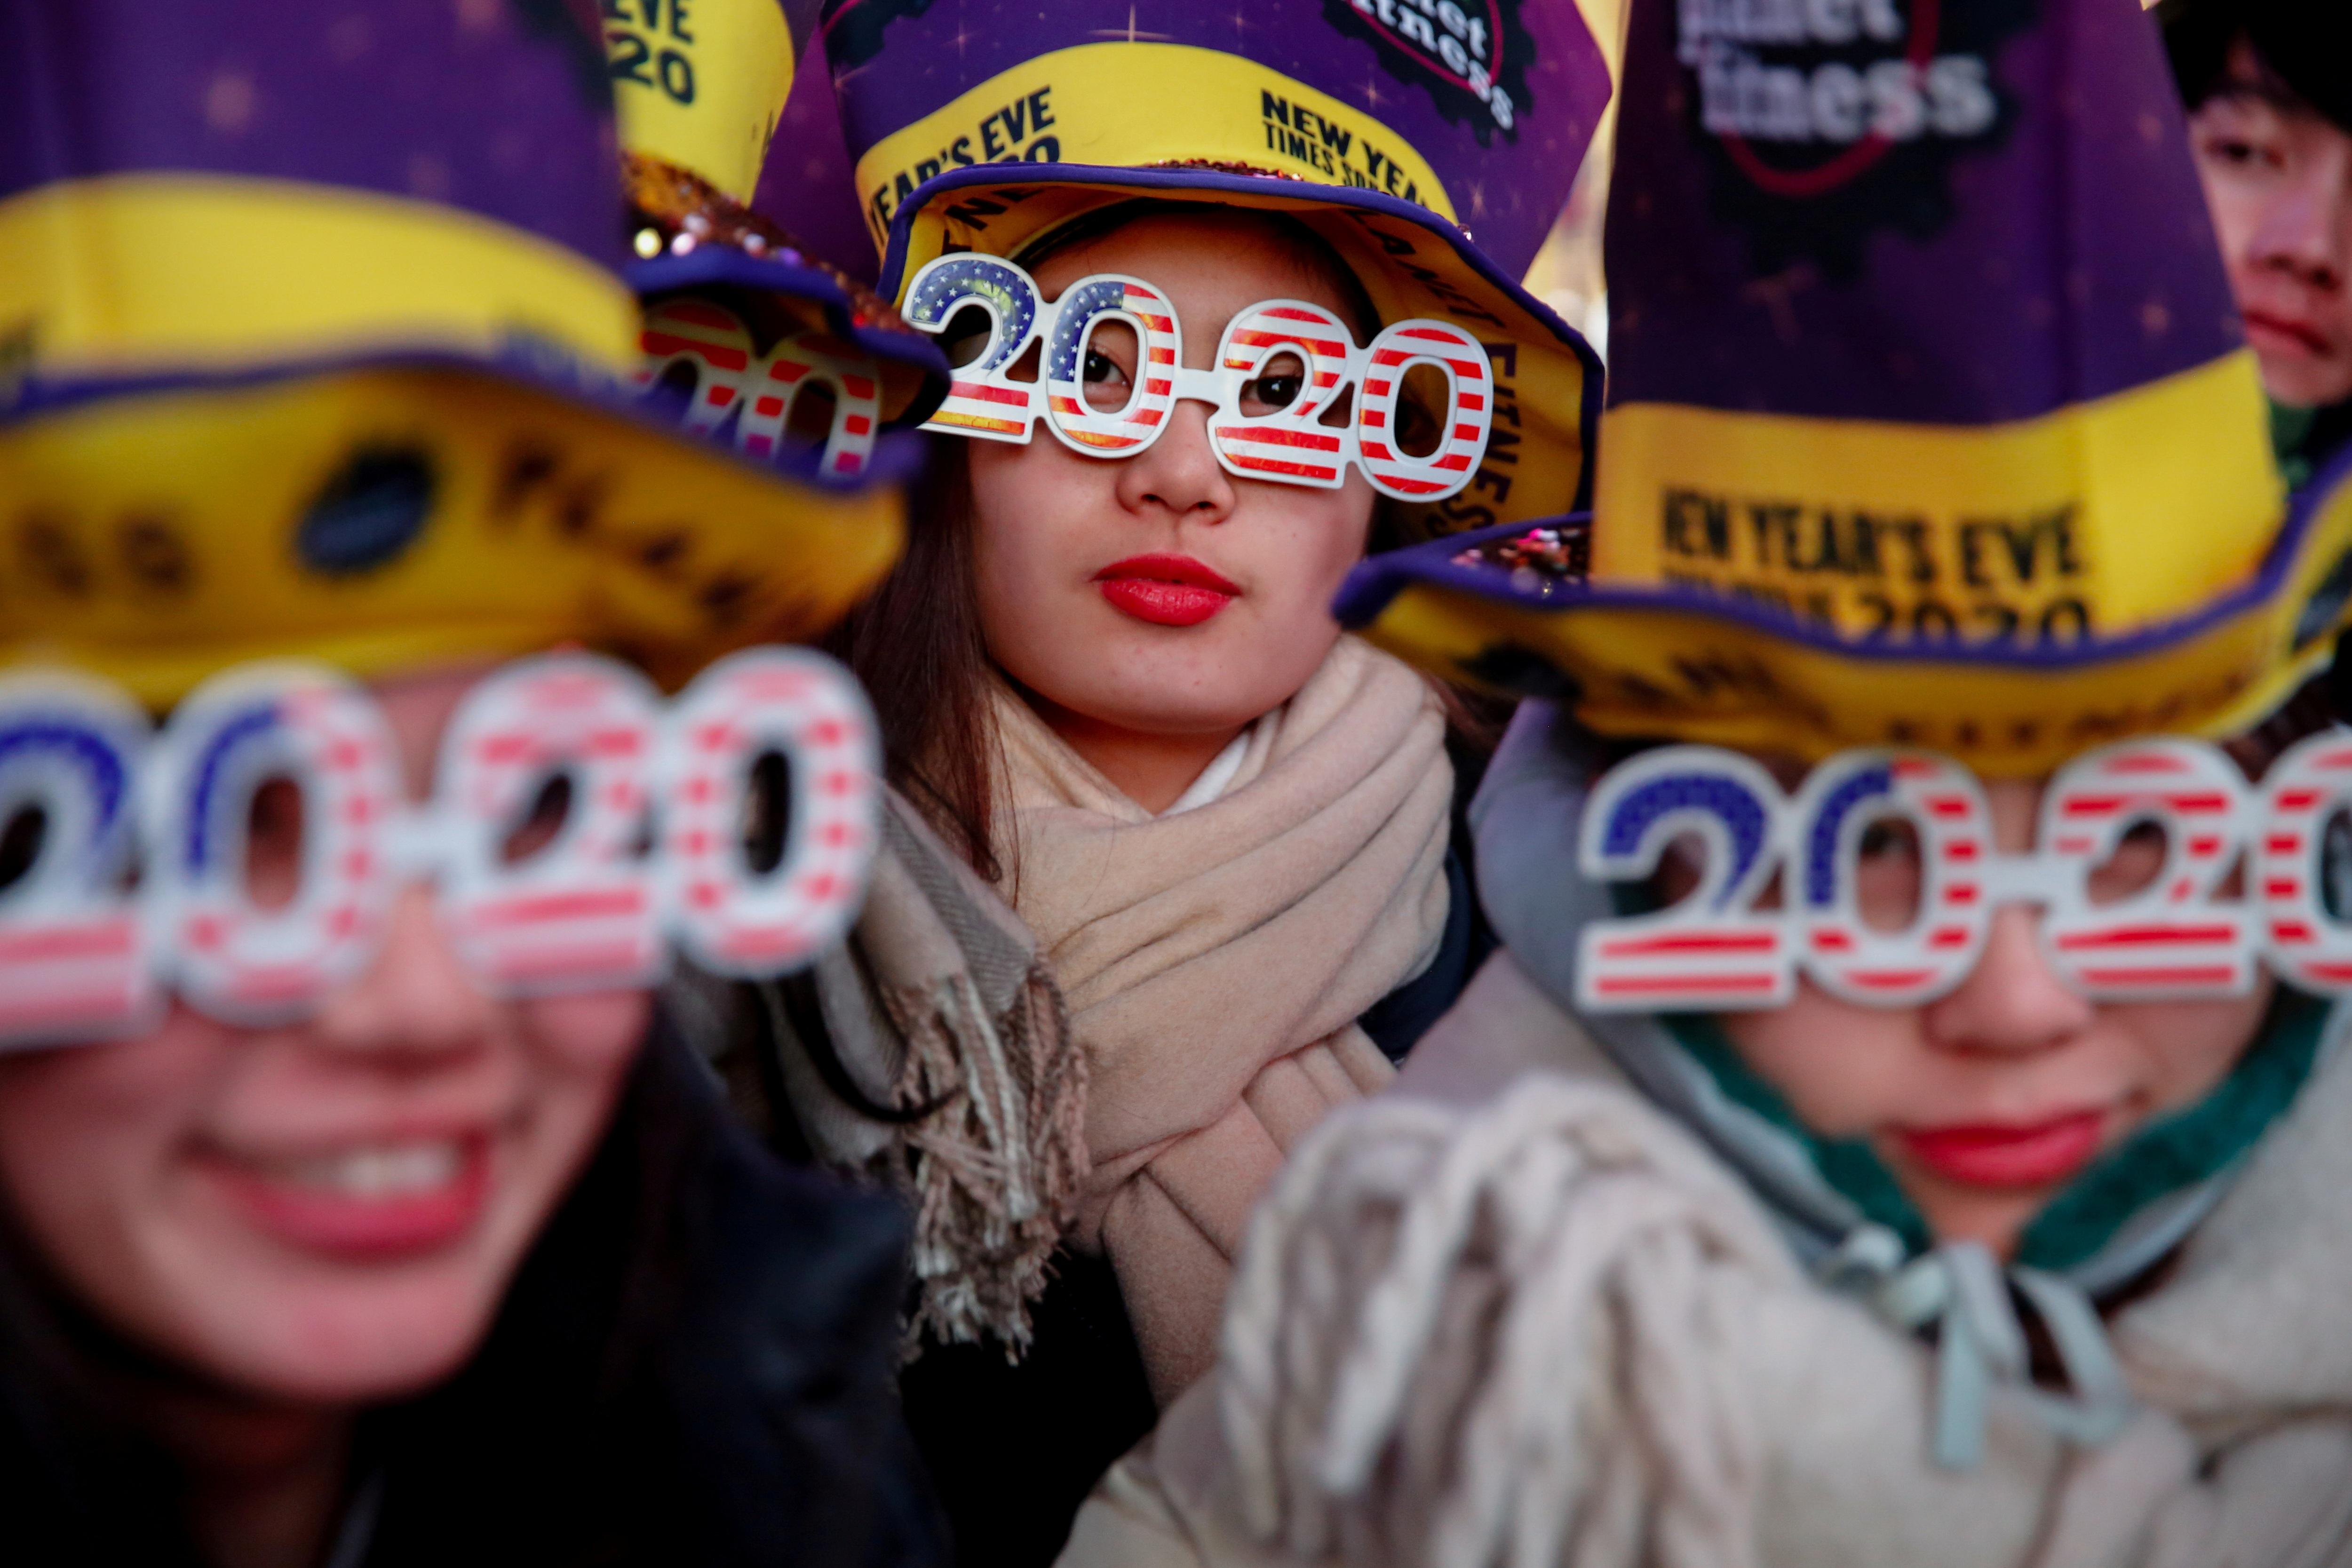 Mỹ tưng bừng chào đón năm mới 2020 - 16